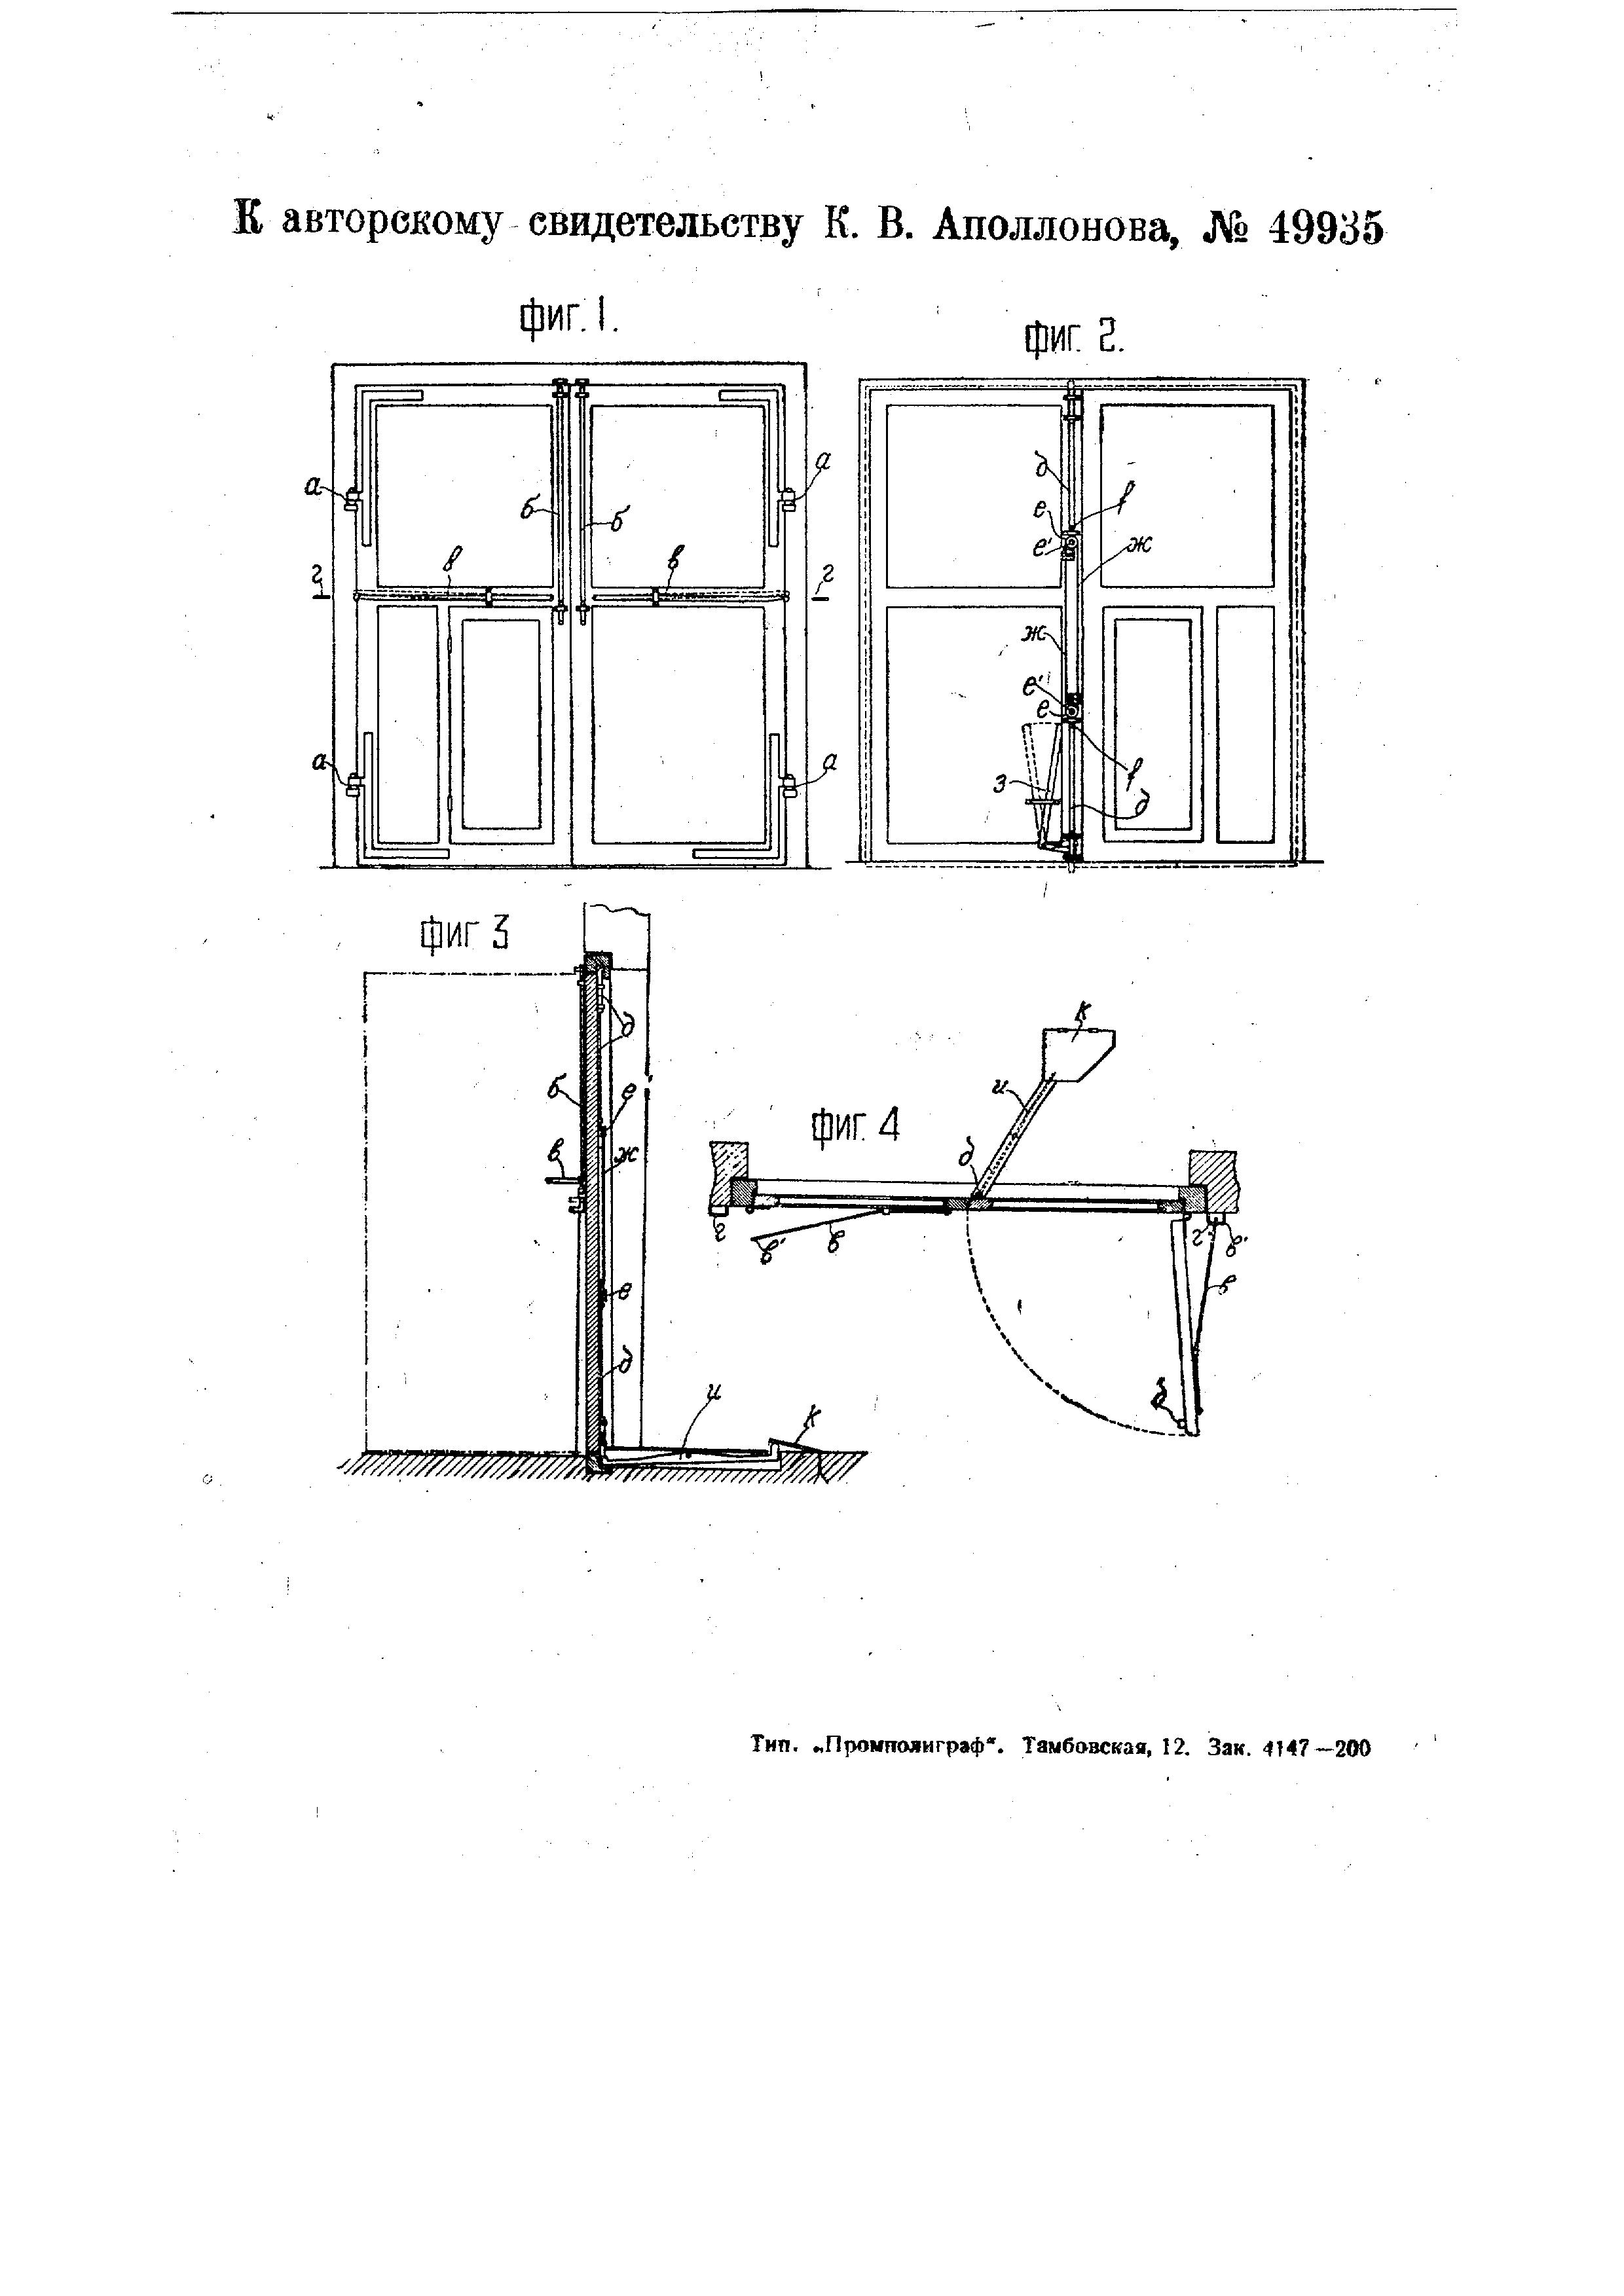 Прибор для автоматического закрывания дверей